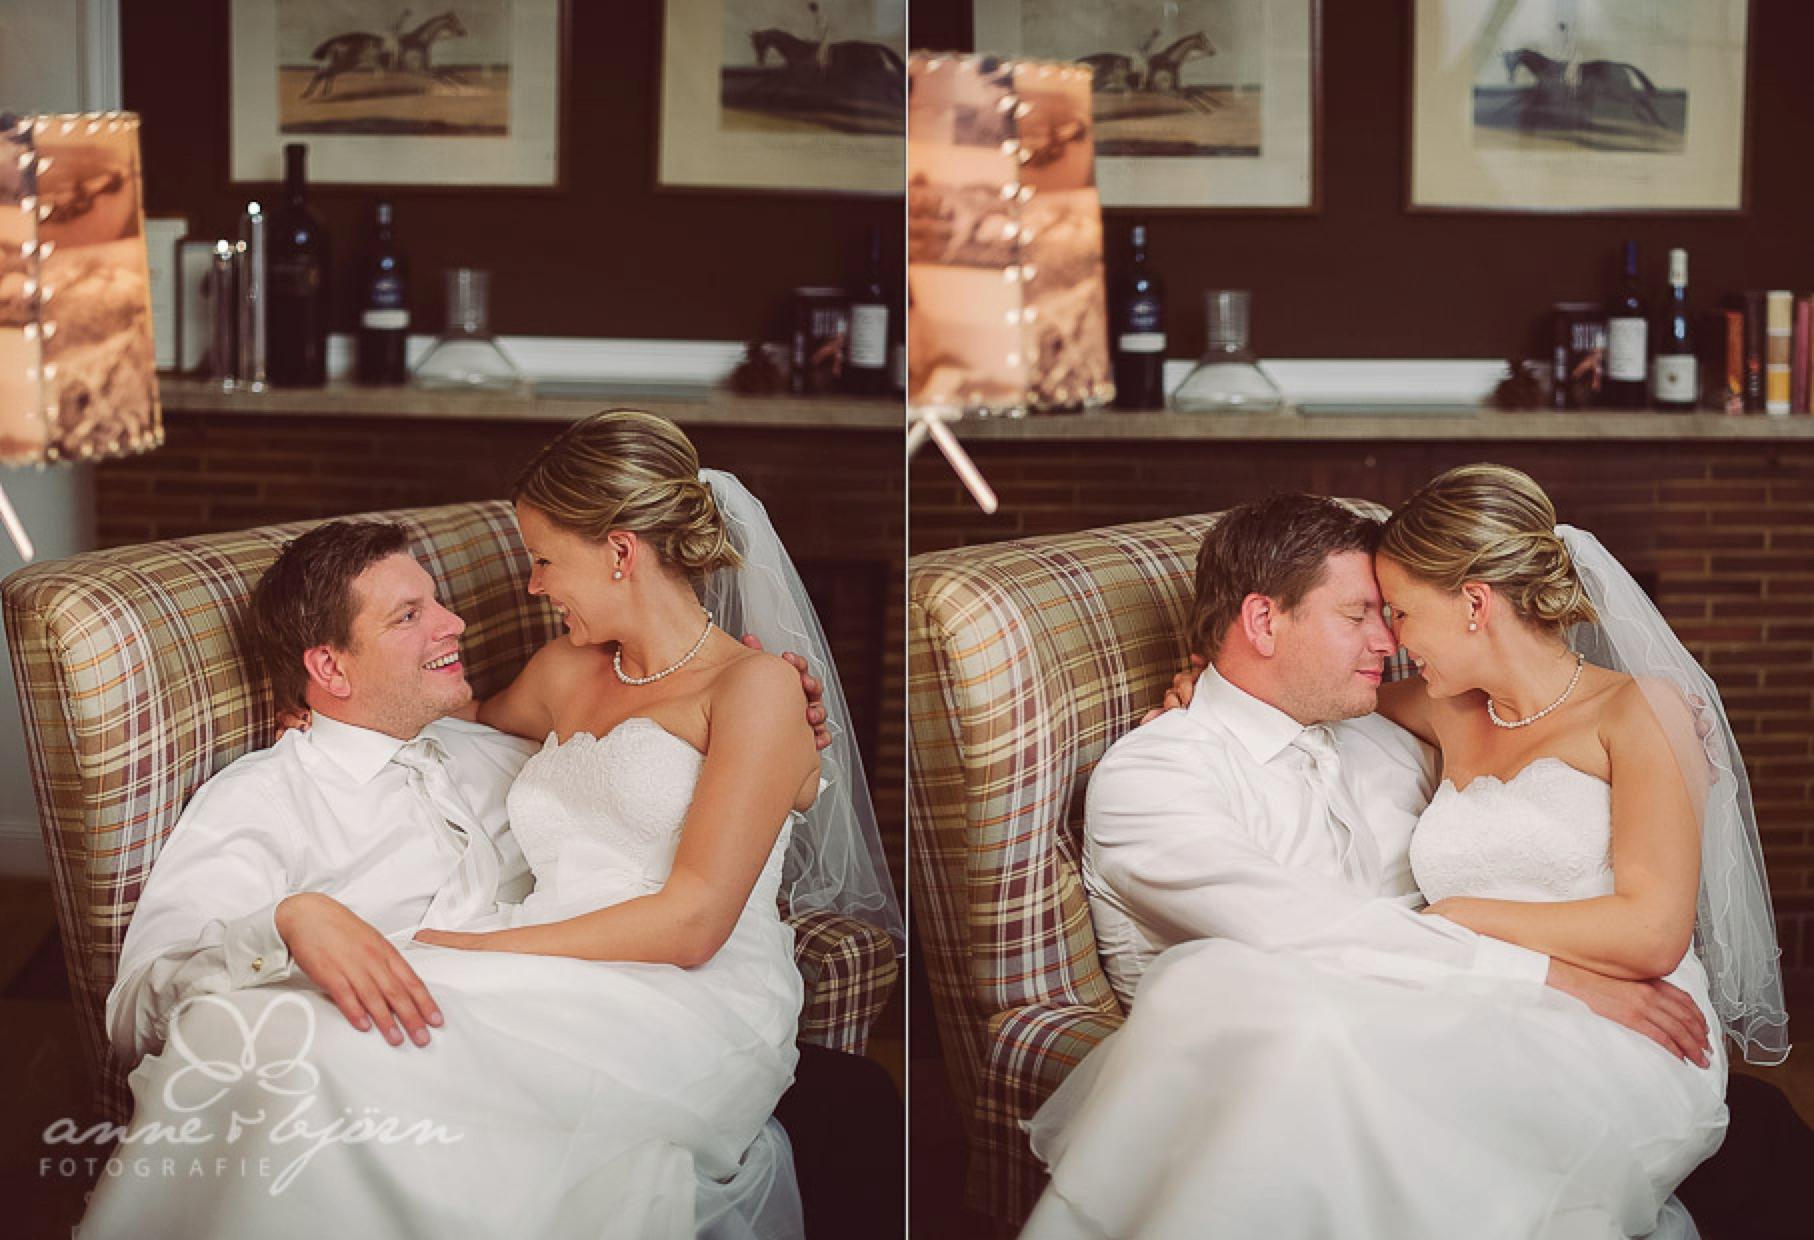 0111 cup collage 14 1 - Conny und Philipp - Hochzeit im Hotel Waldhof auf Herrenland